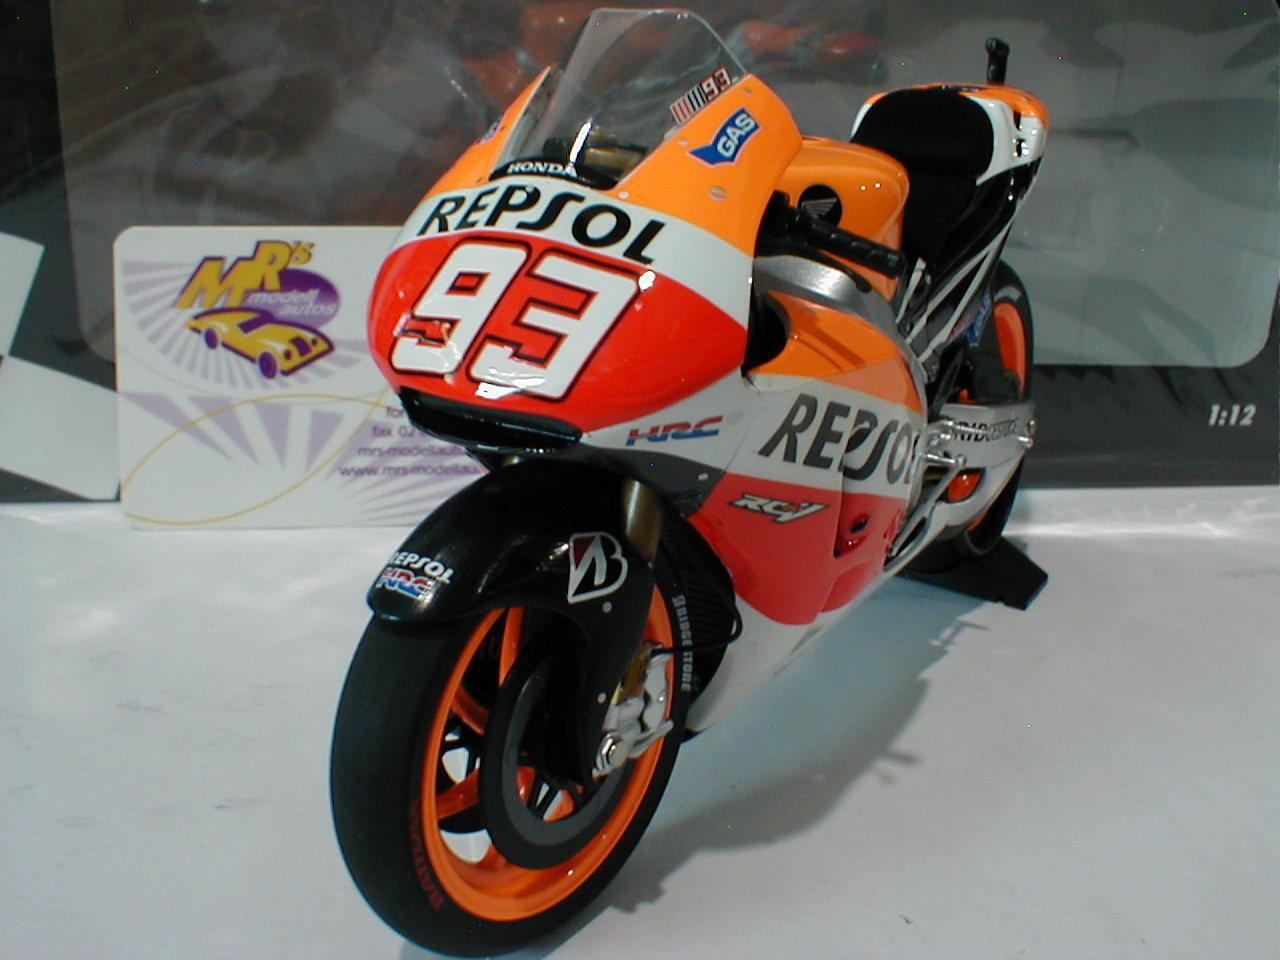 Minichamps 122141193 - Honda RC213V No.93 WM MotoGP 2014 Marc Marquez 1 12